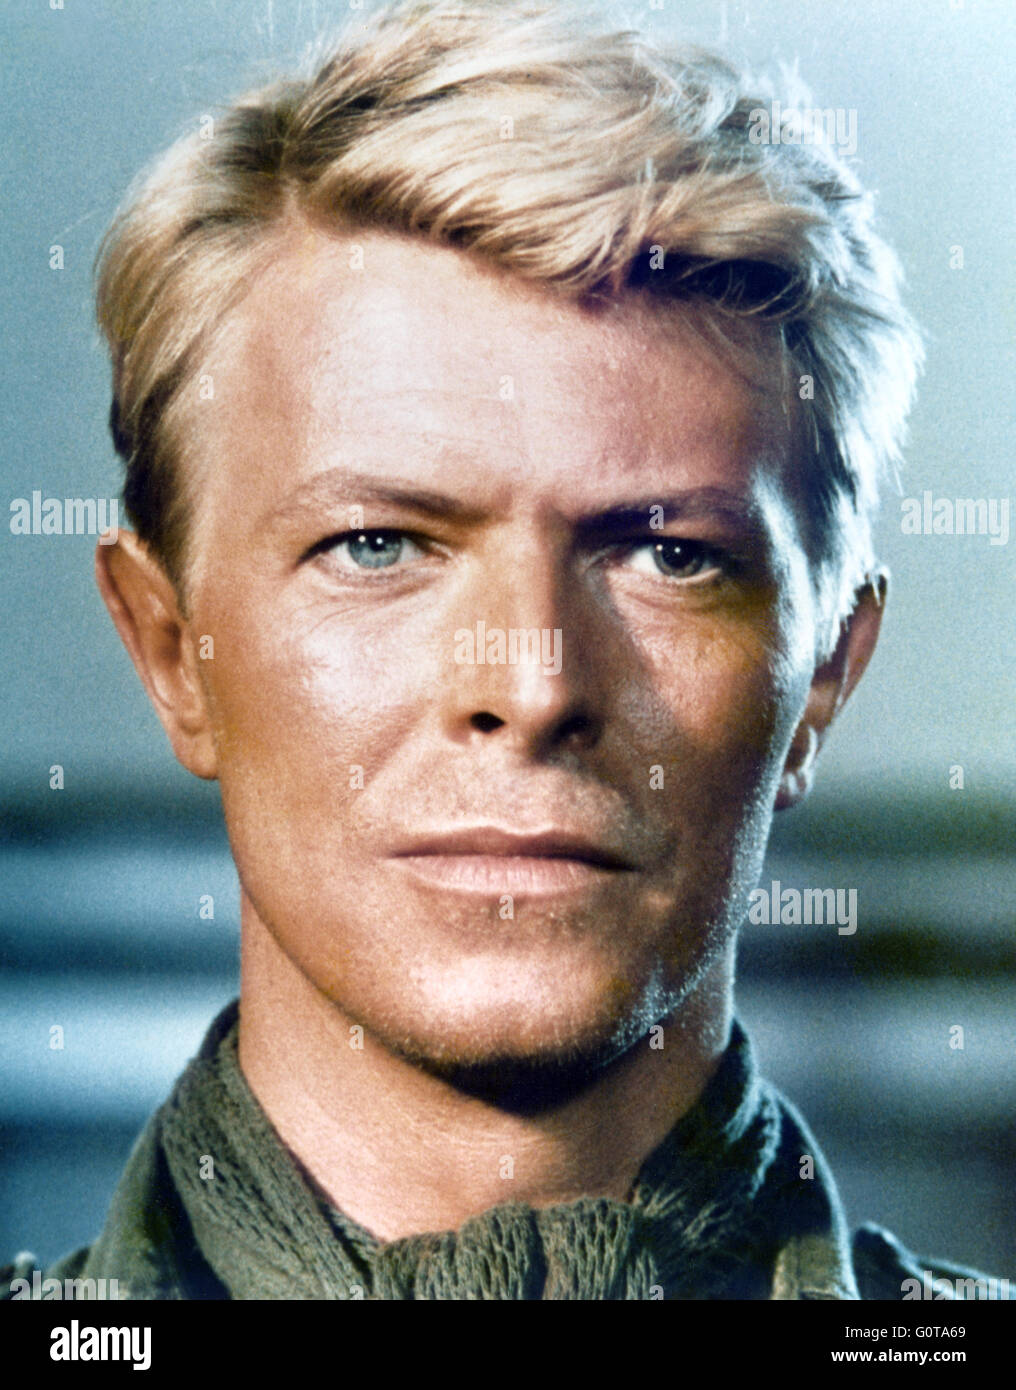 David Bowie dans Furyo (1983) réalisé par Nagisa Oshima Photo Stock